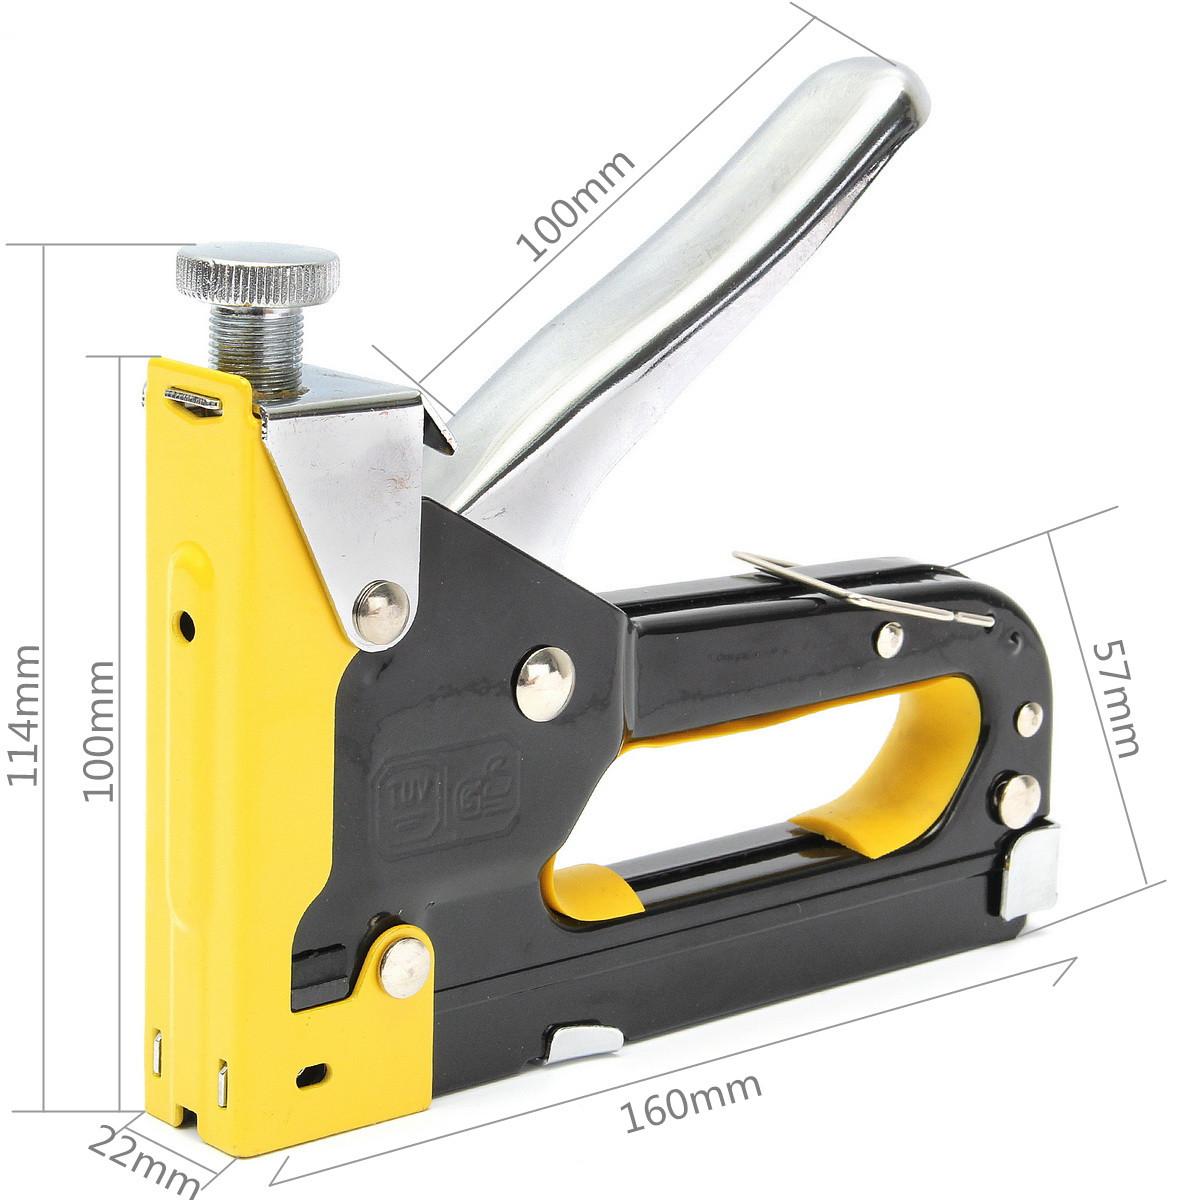 Multipurpose Three-way Shooting Staple Gun Yellow Stapler Staple